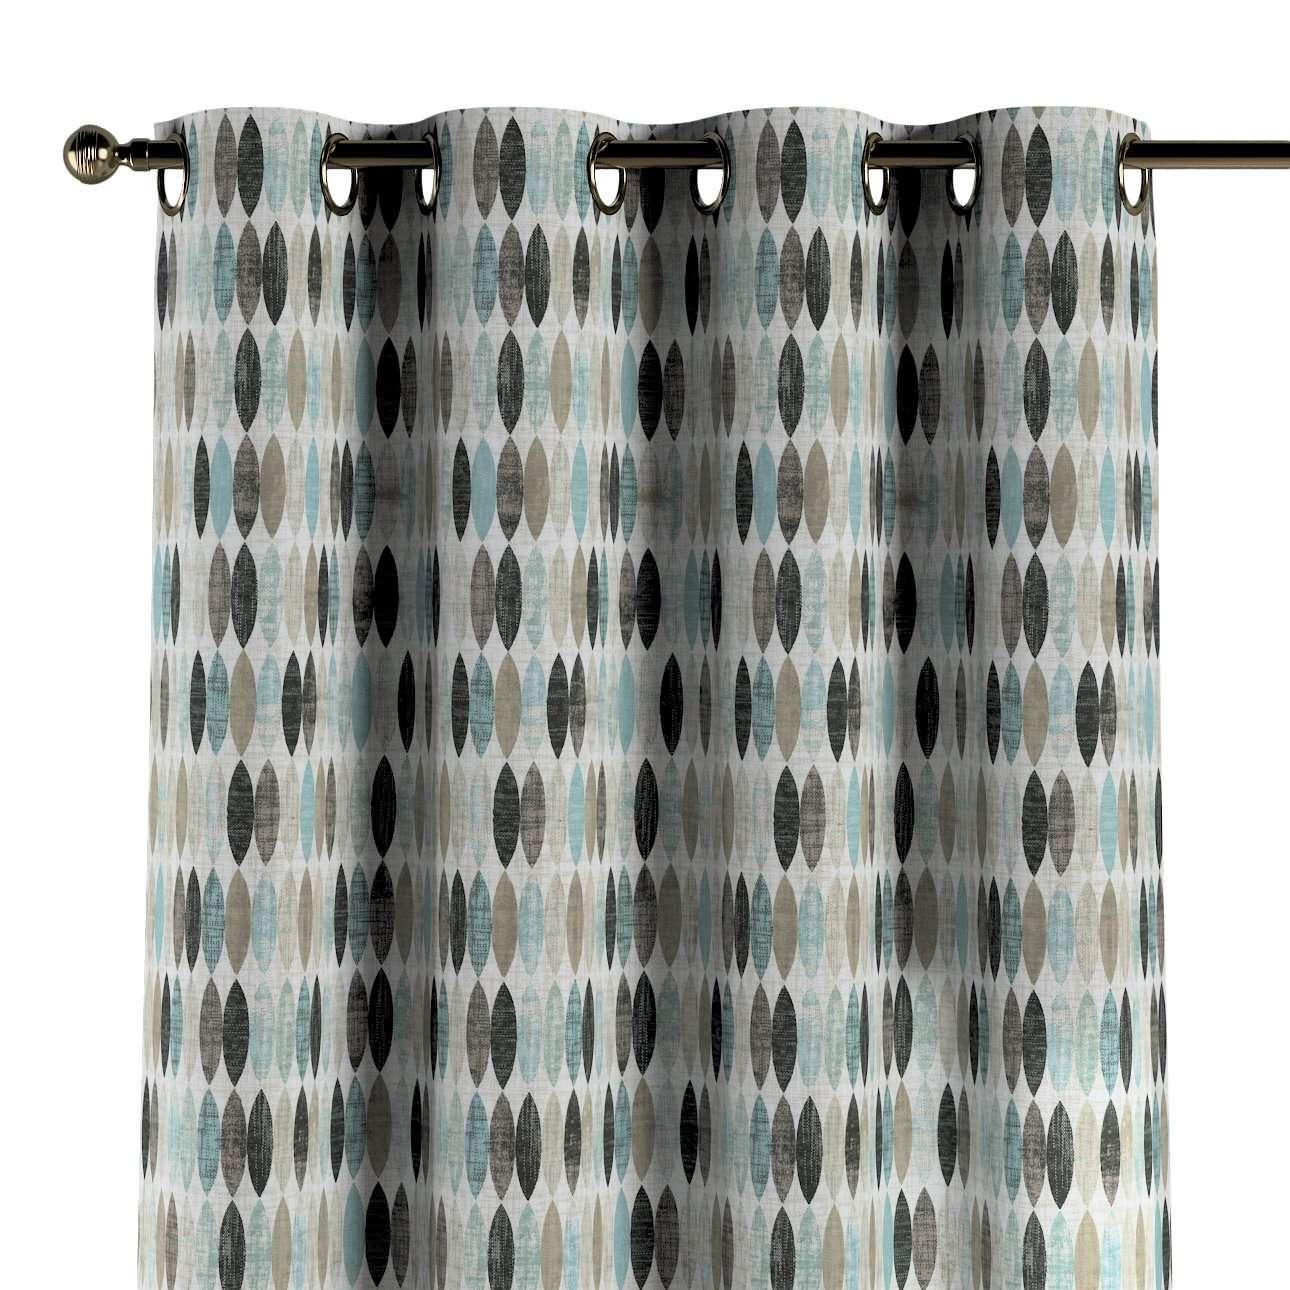 Závěs na kroužcích v kolekci Modern, látka: 141-91